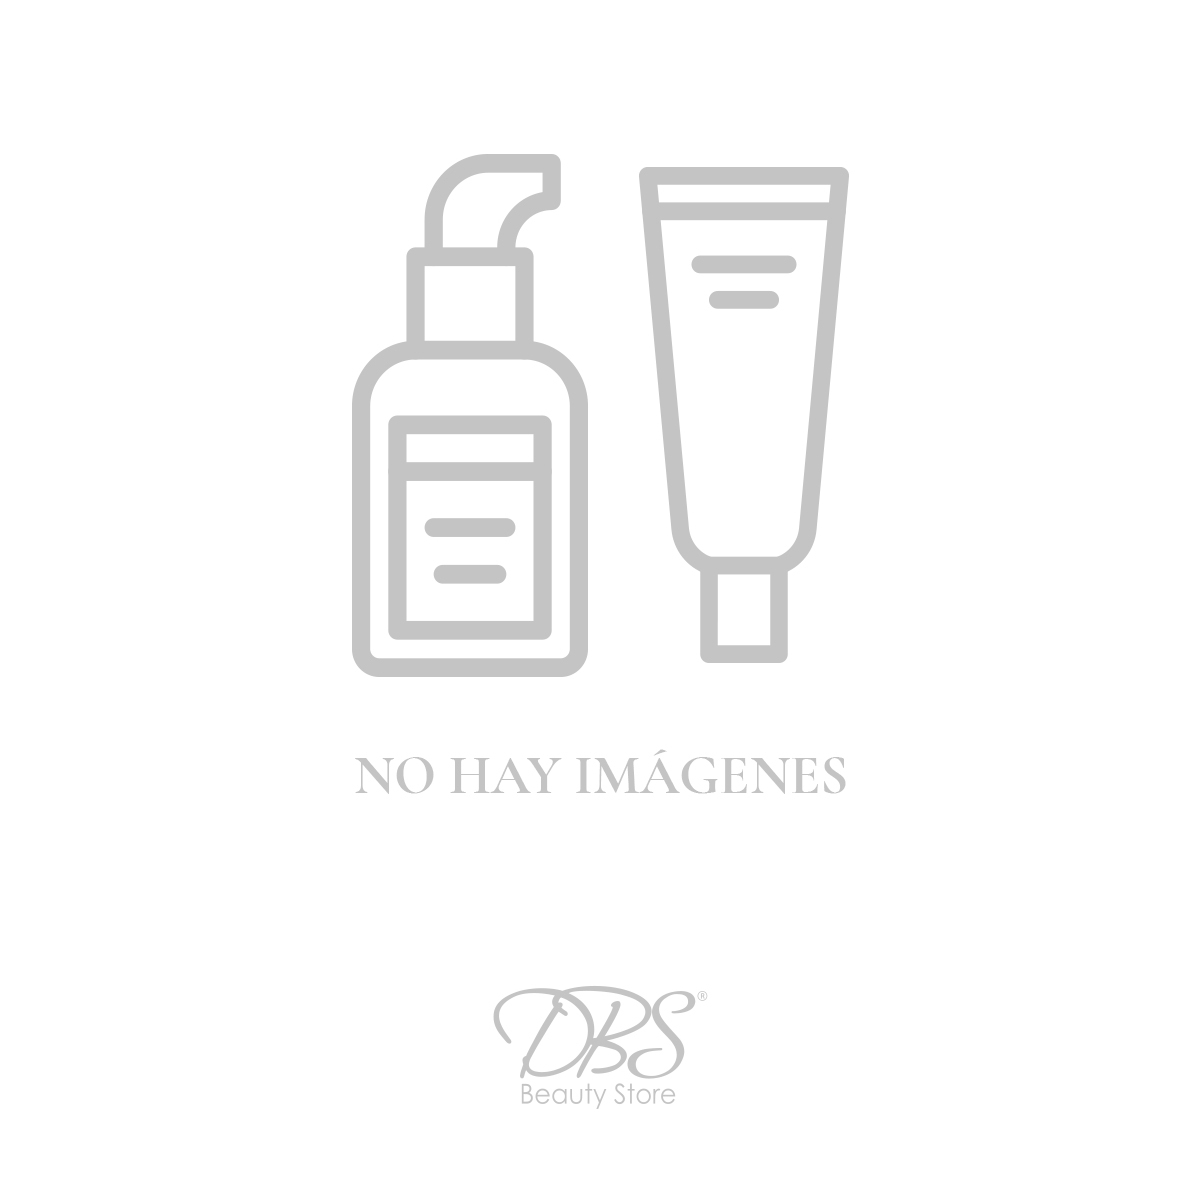 Pack Vitaminas Hair, Nails & Skin Sin Azúcar 2 Meses